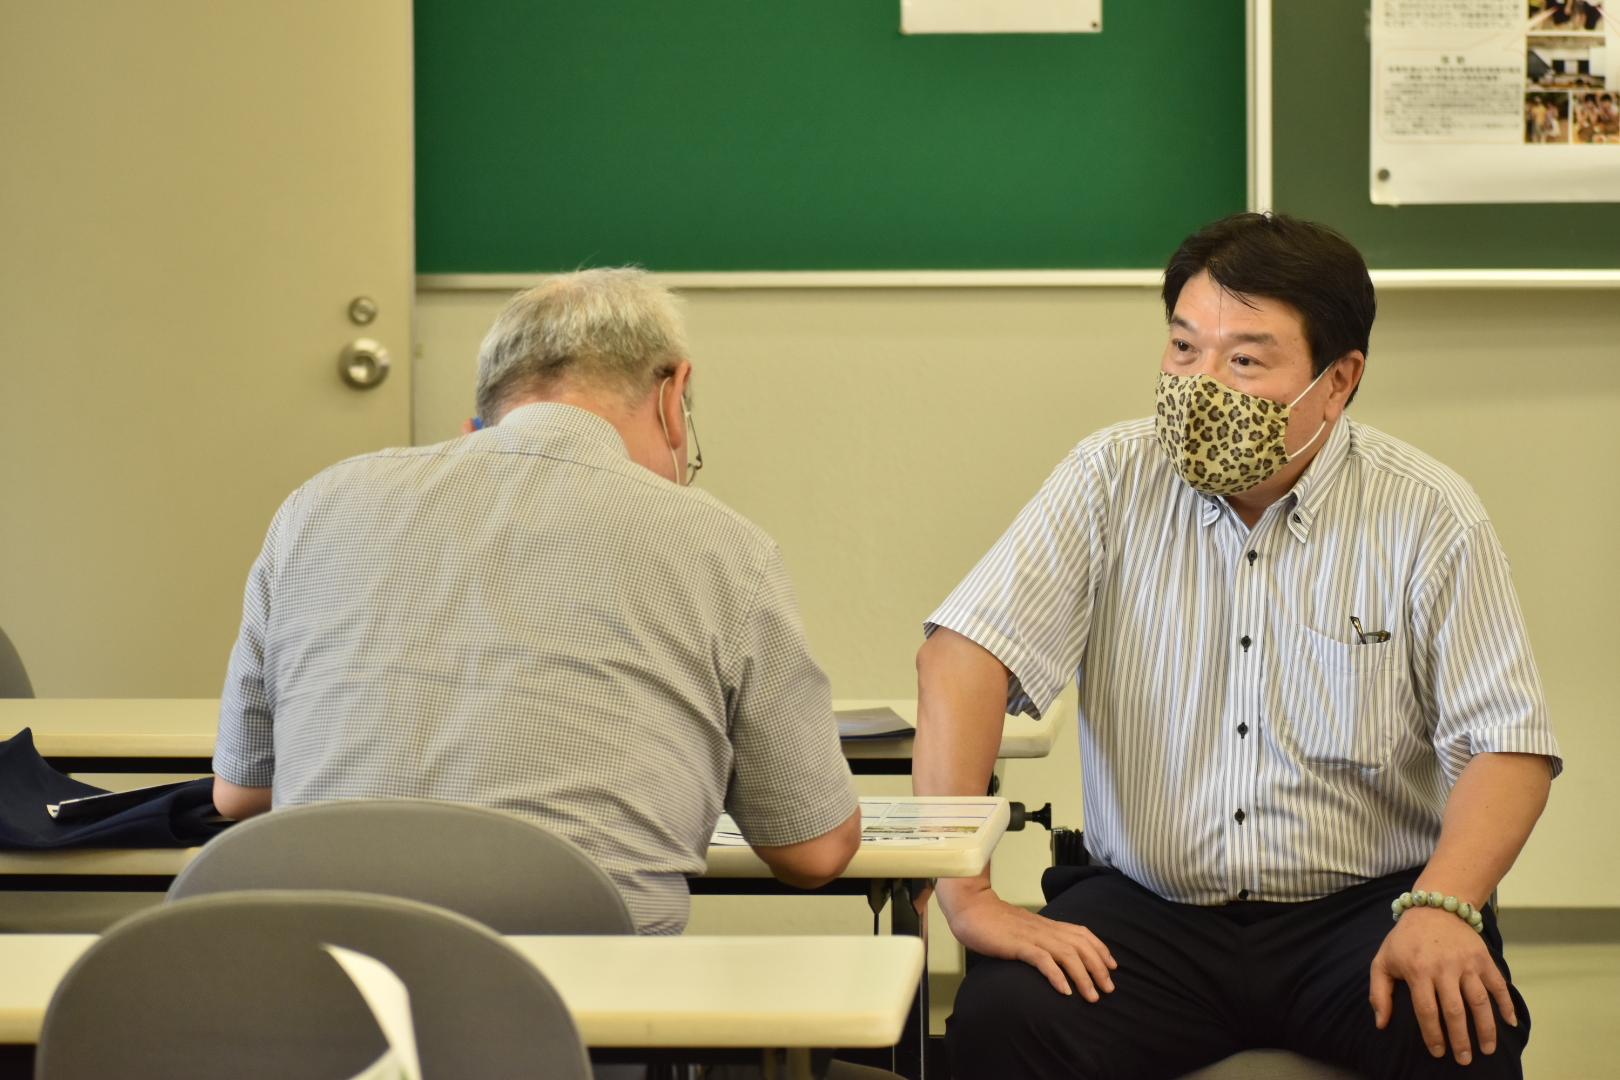 6月27日♪大学院の相談